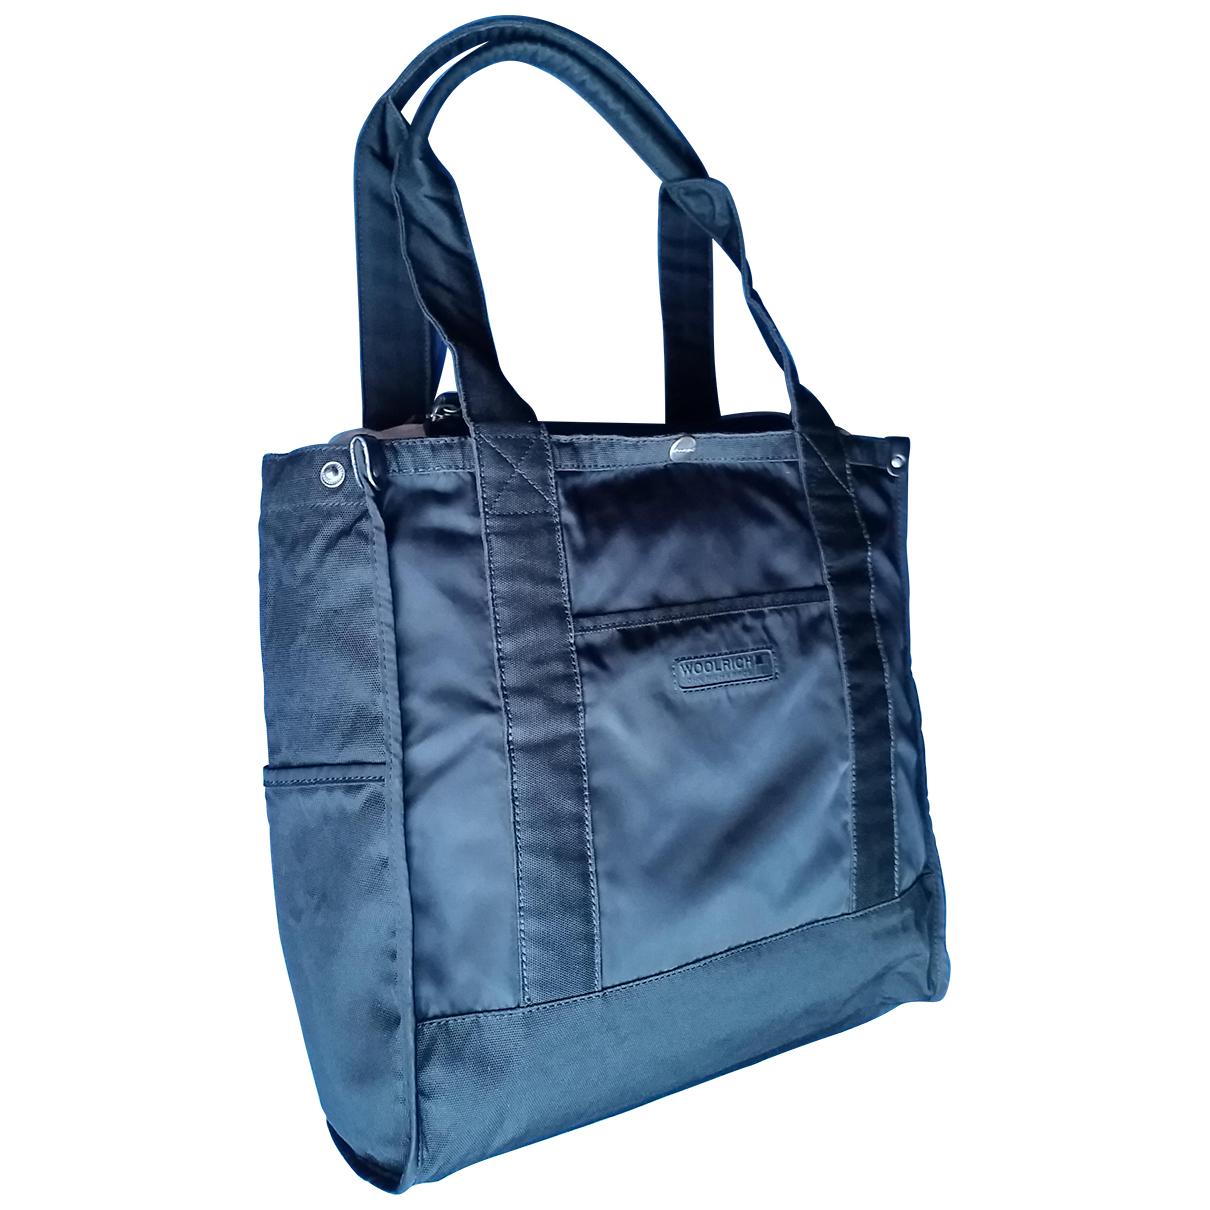 Woolrich \N Handtasche in  Schwarz Polyester